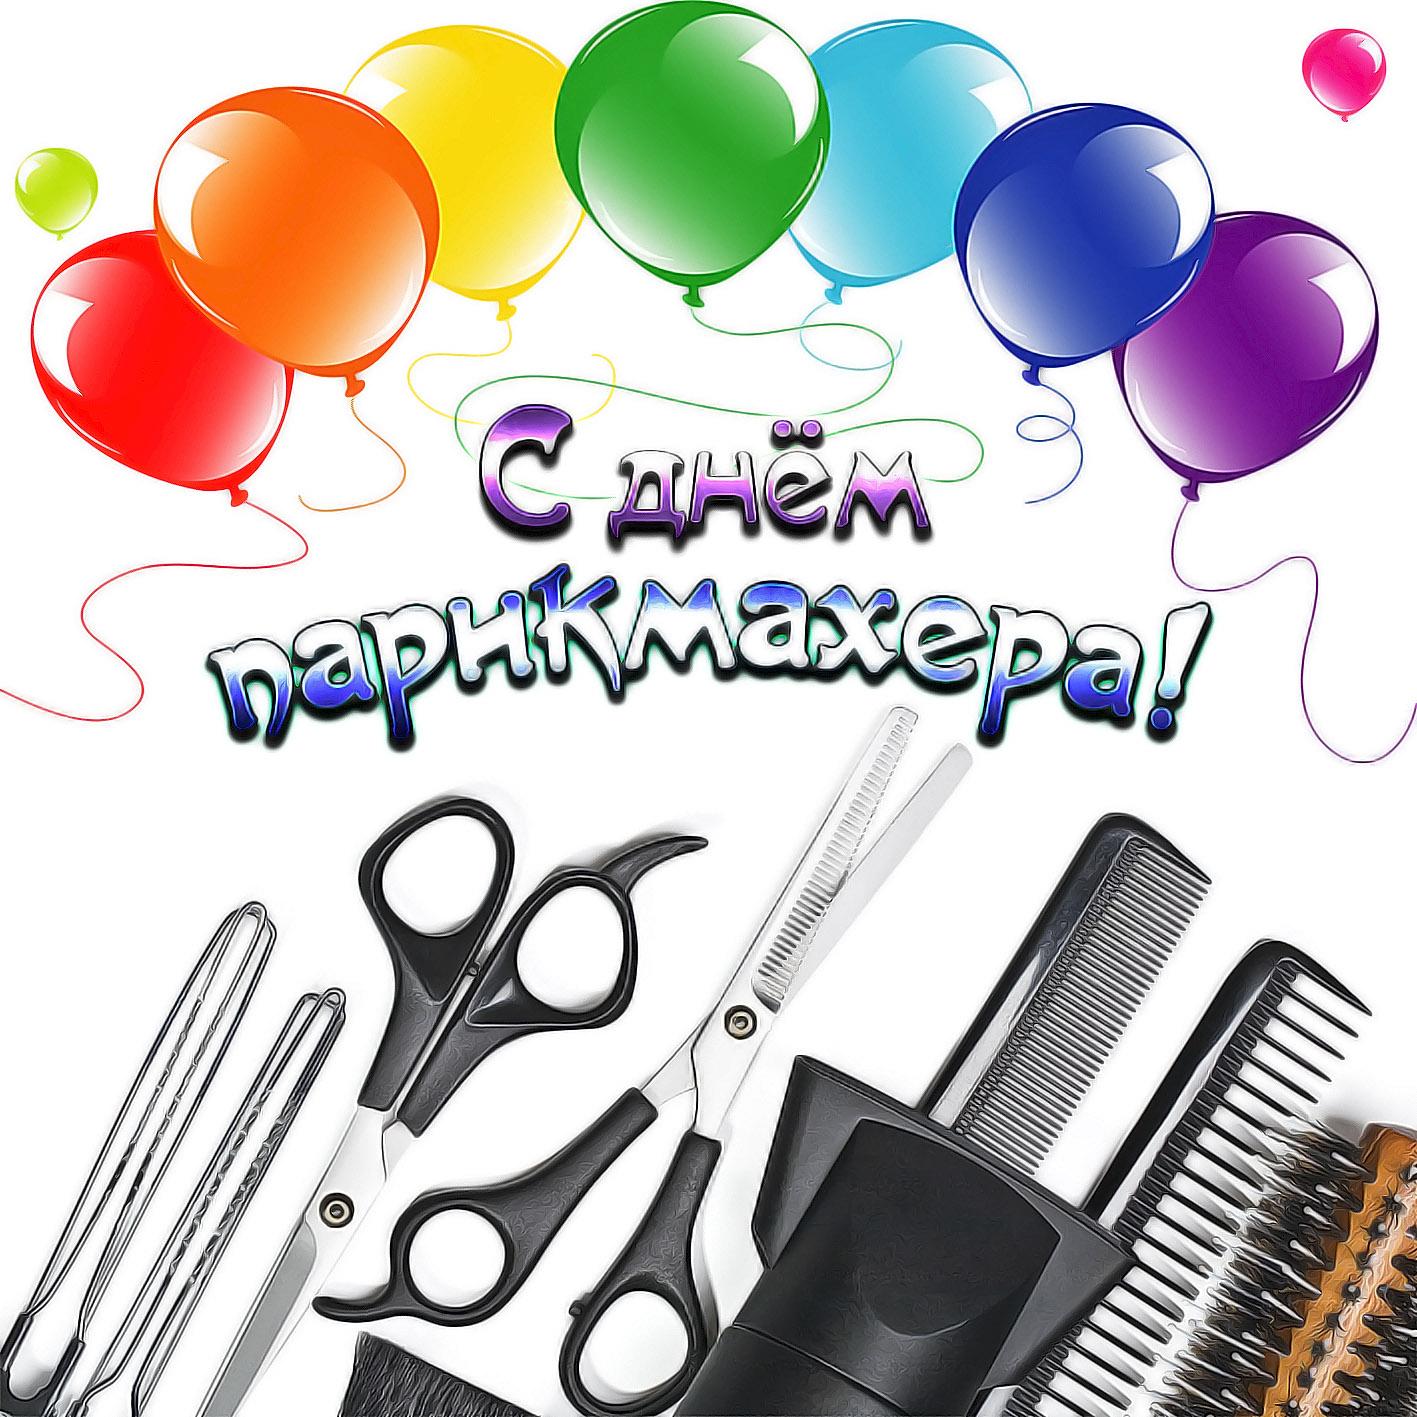 Картинка с красивыми шариками на День парикмахера